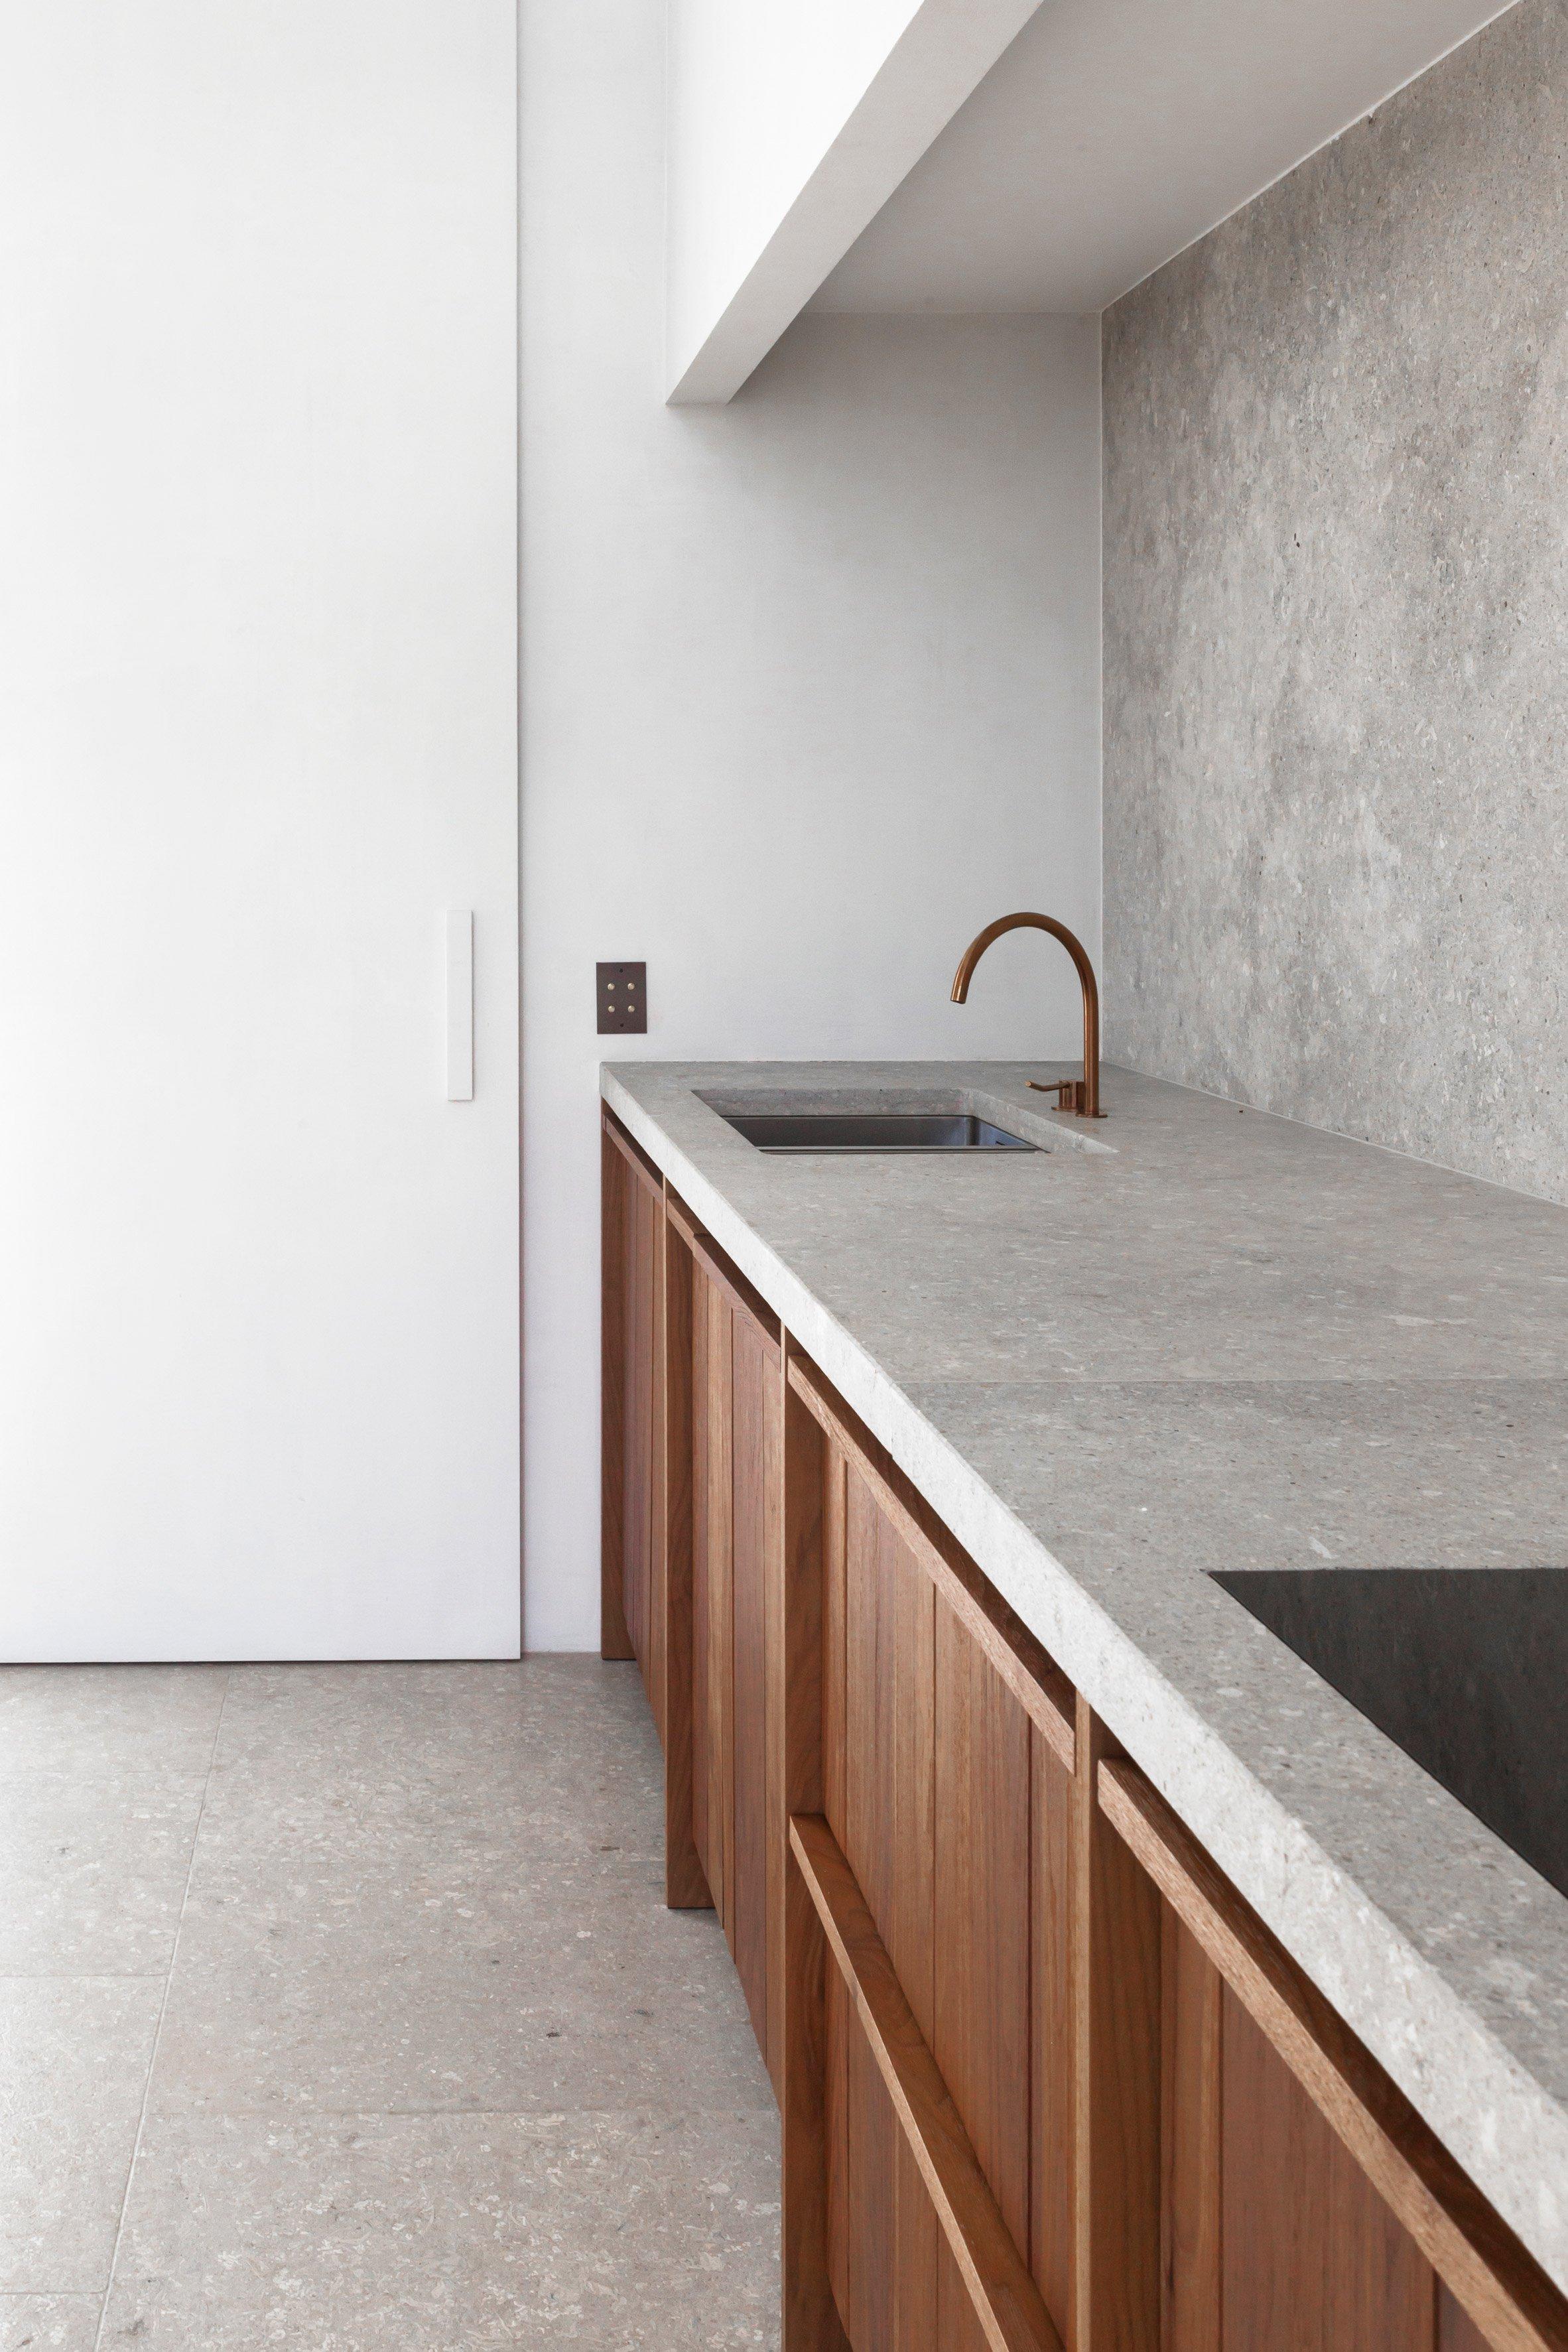 penthouse-westkaai-hans-verstuyft-architecten-interiors-antwerp-belgium_dezeen_2364_col_9.jpg